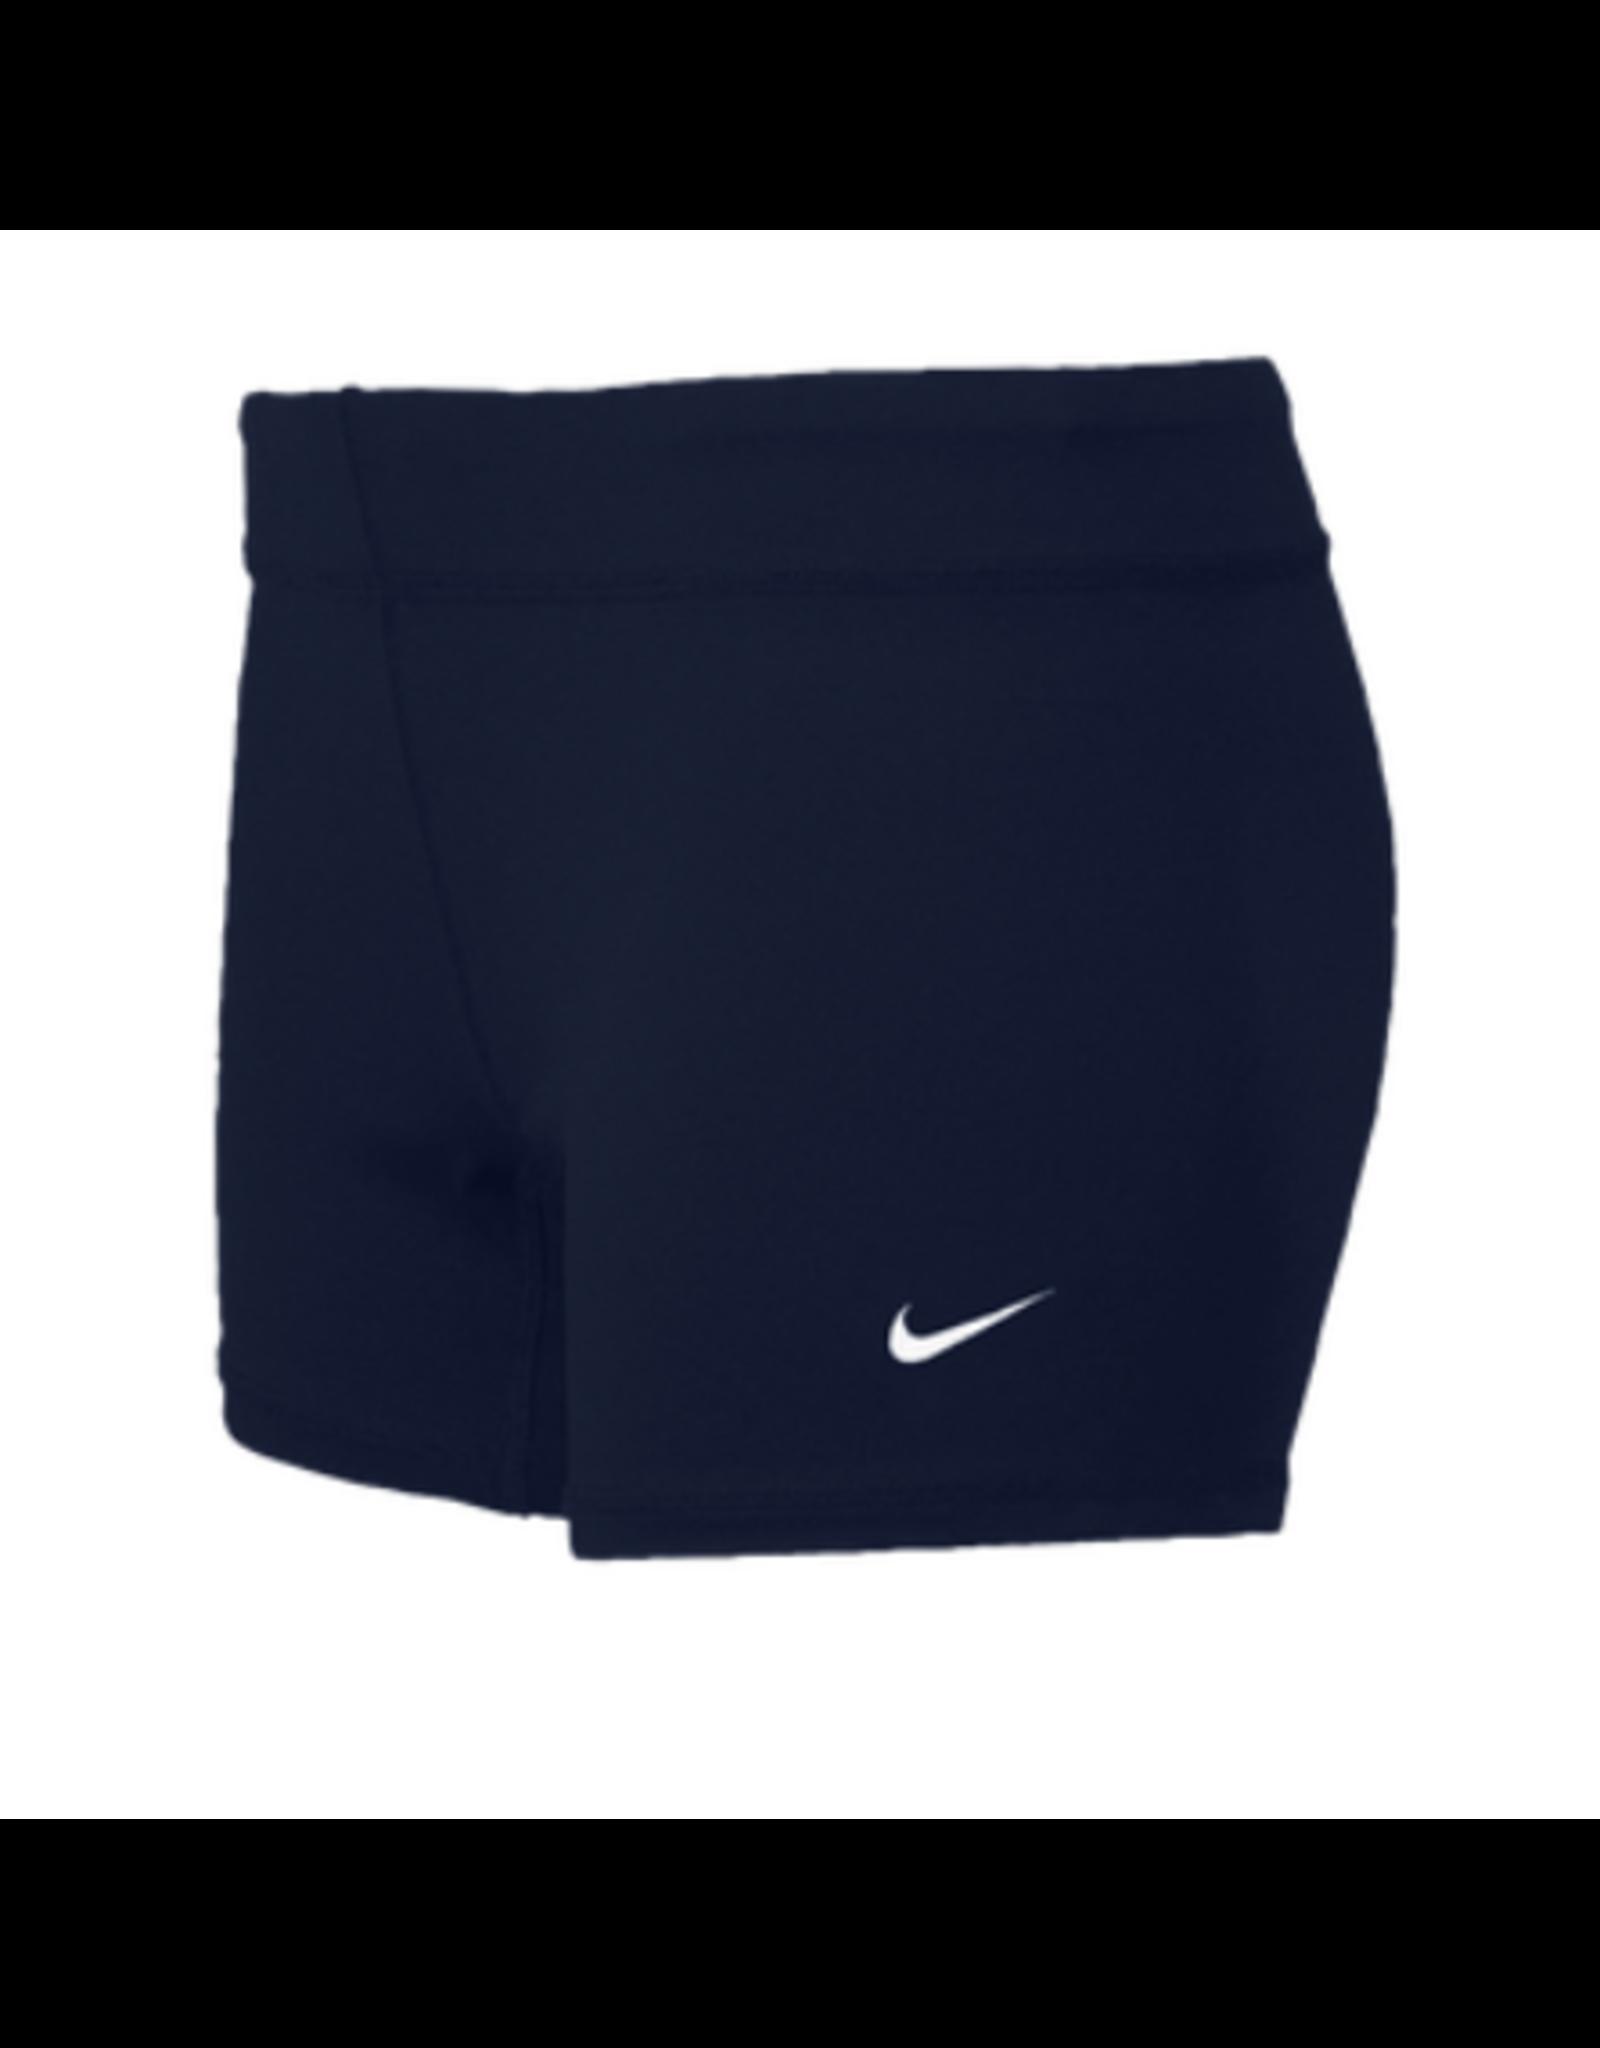 UNIFORM Women's Short - Track & Field Nike Power Stock Race Day Shorts, Women's